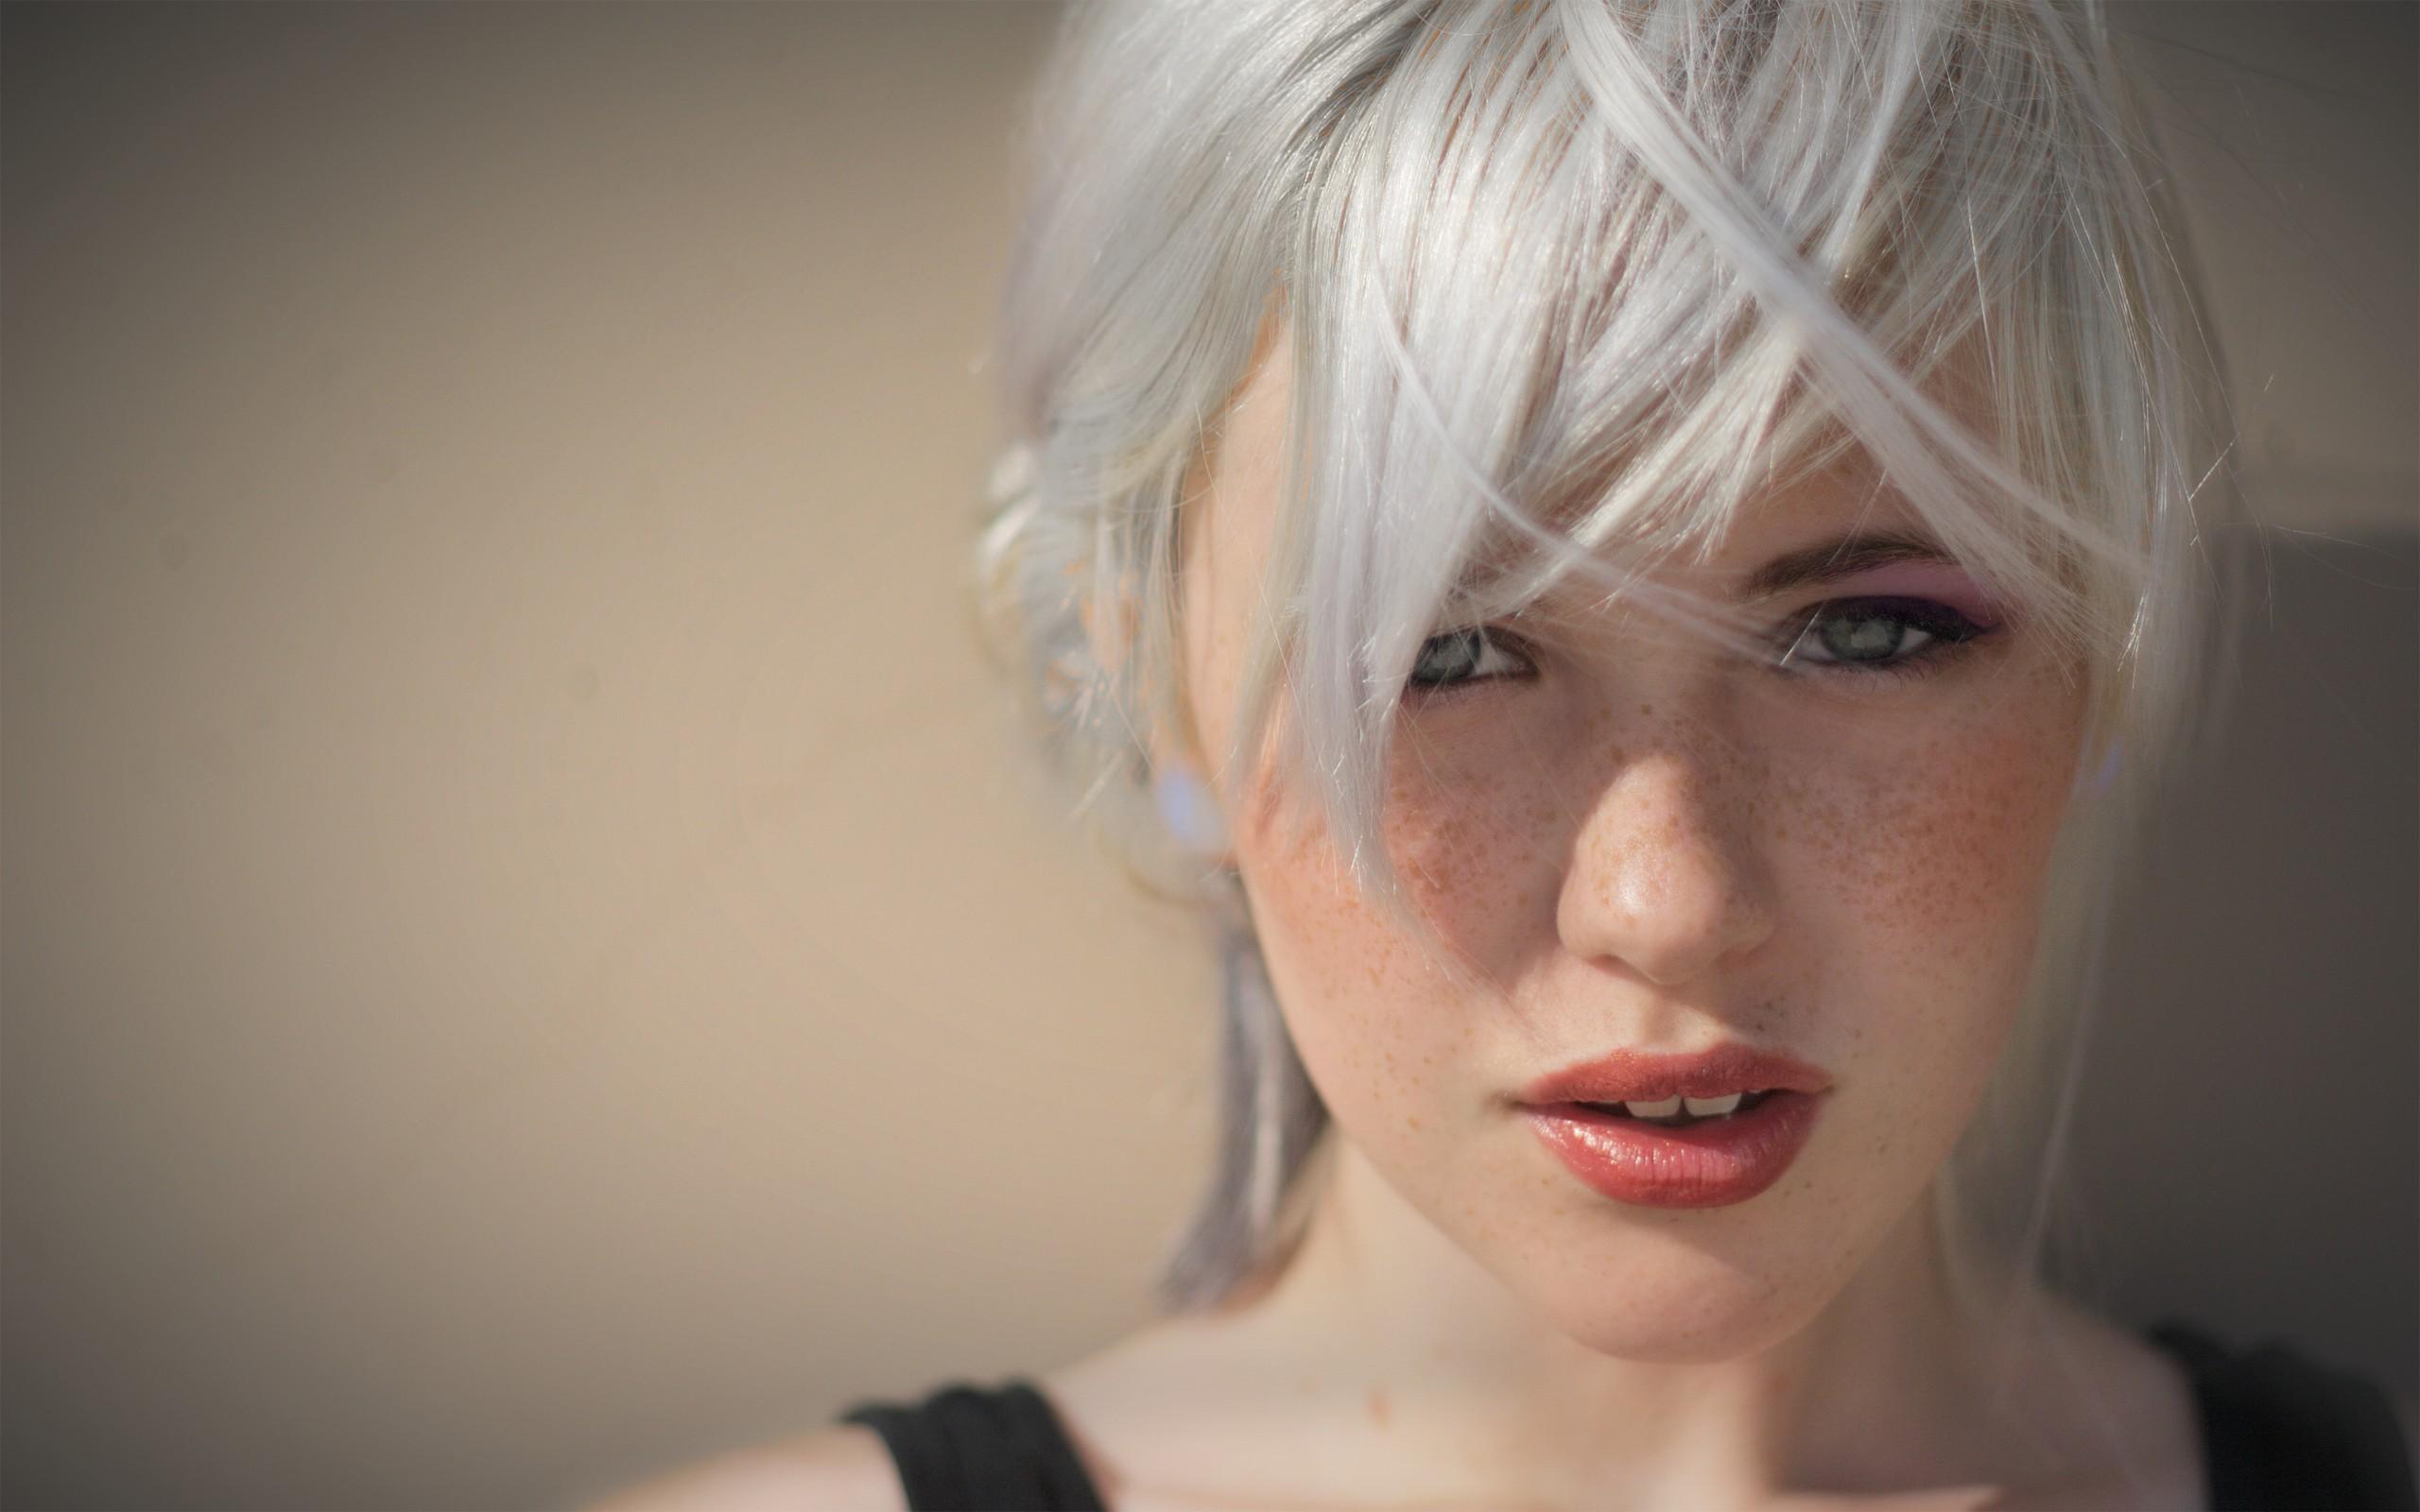 10 miti da sfatare sui capelli bianchi  7c7dbf9c449b